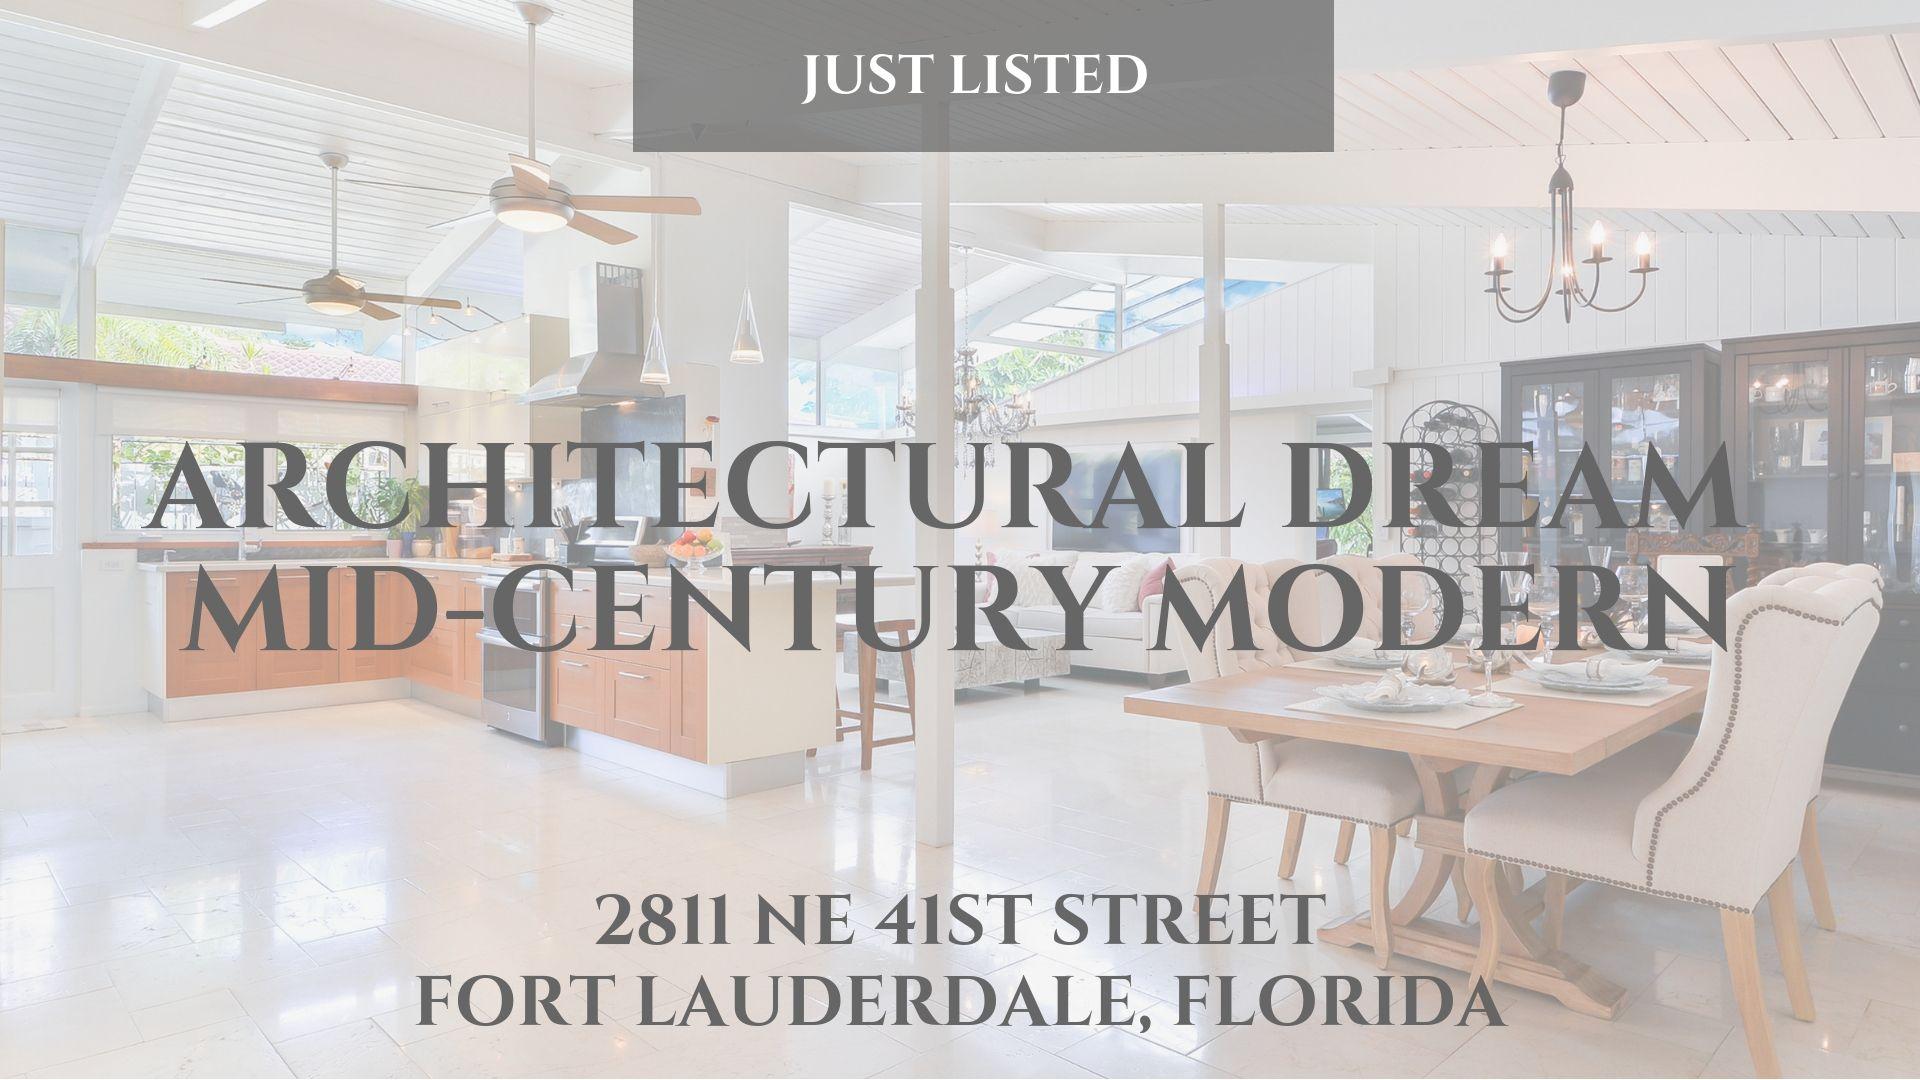 2811 NE 41st Street Fort Lauderdale